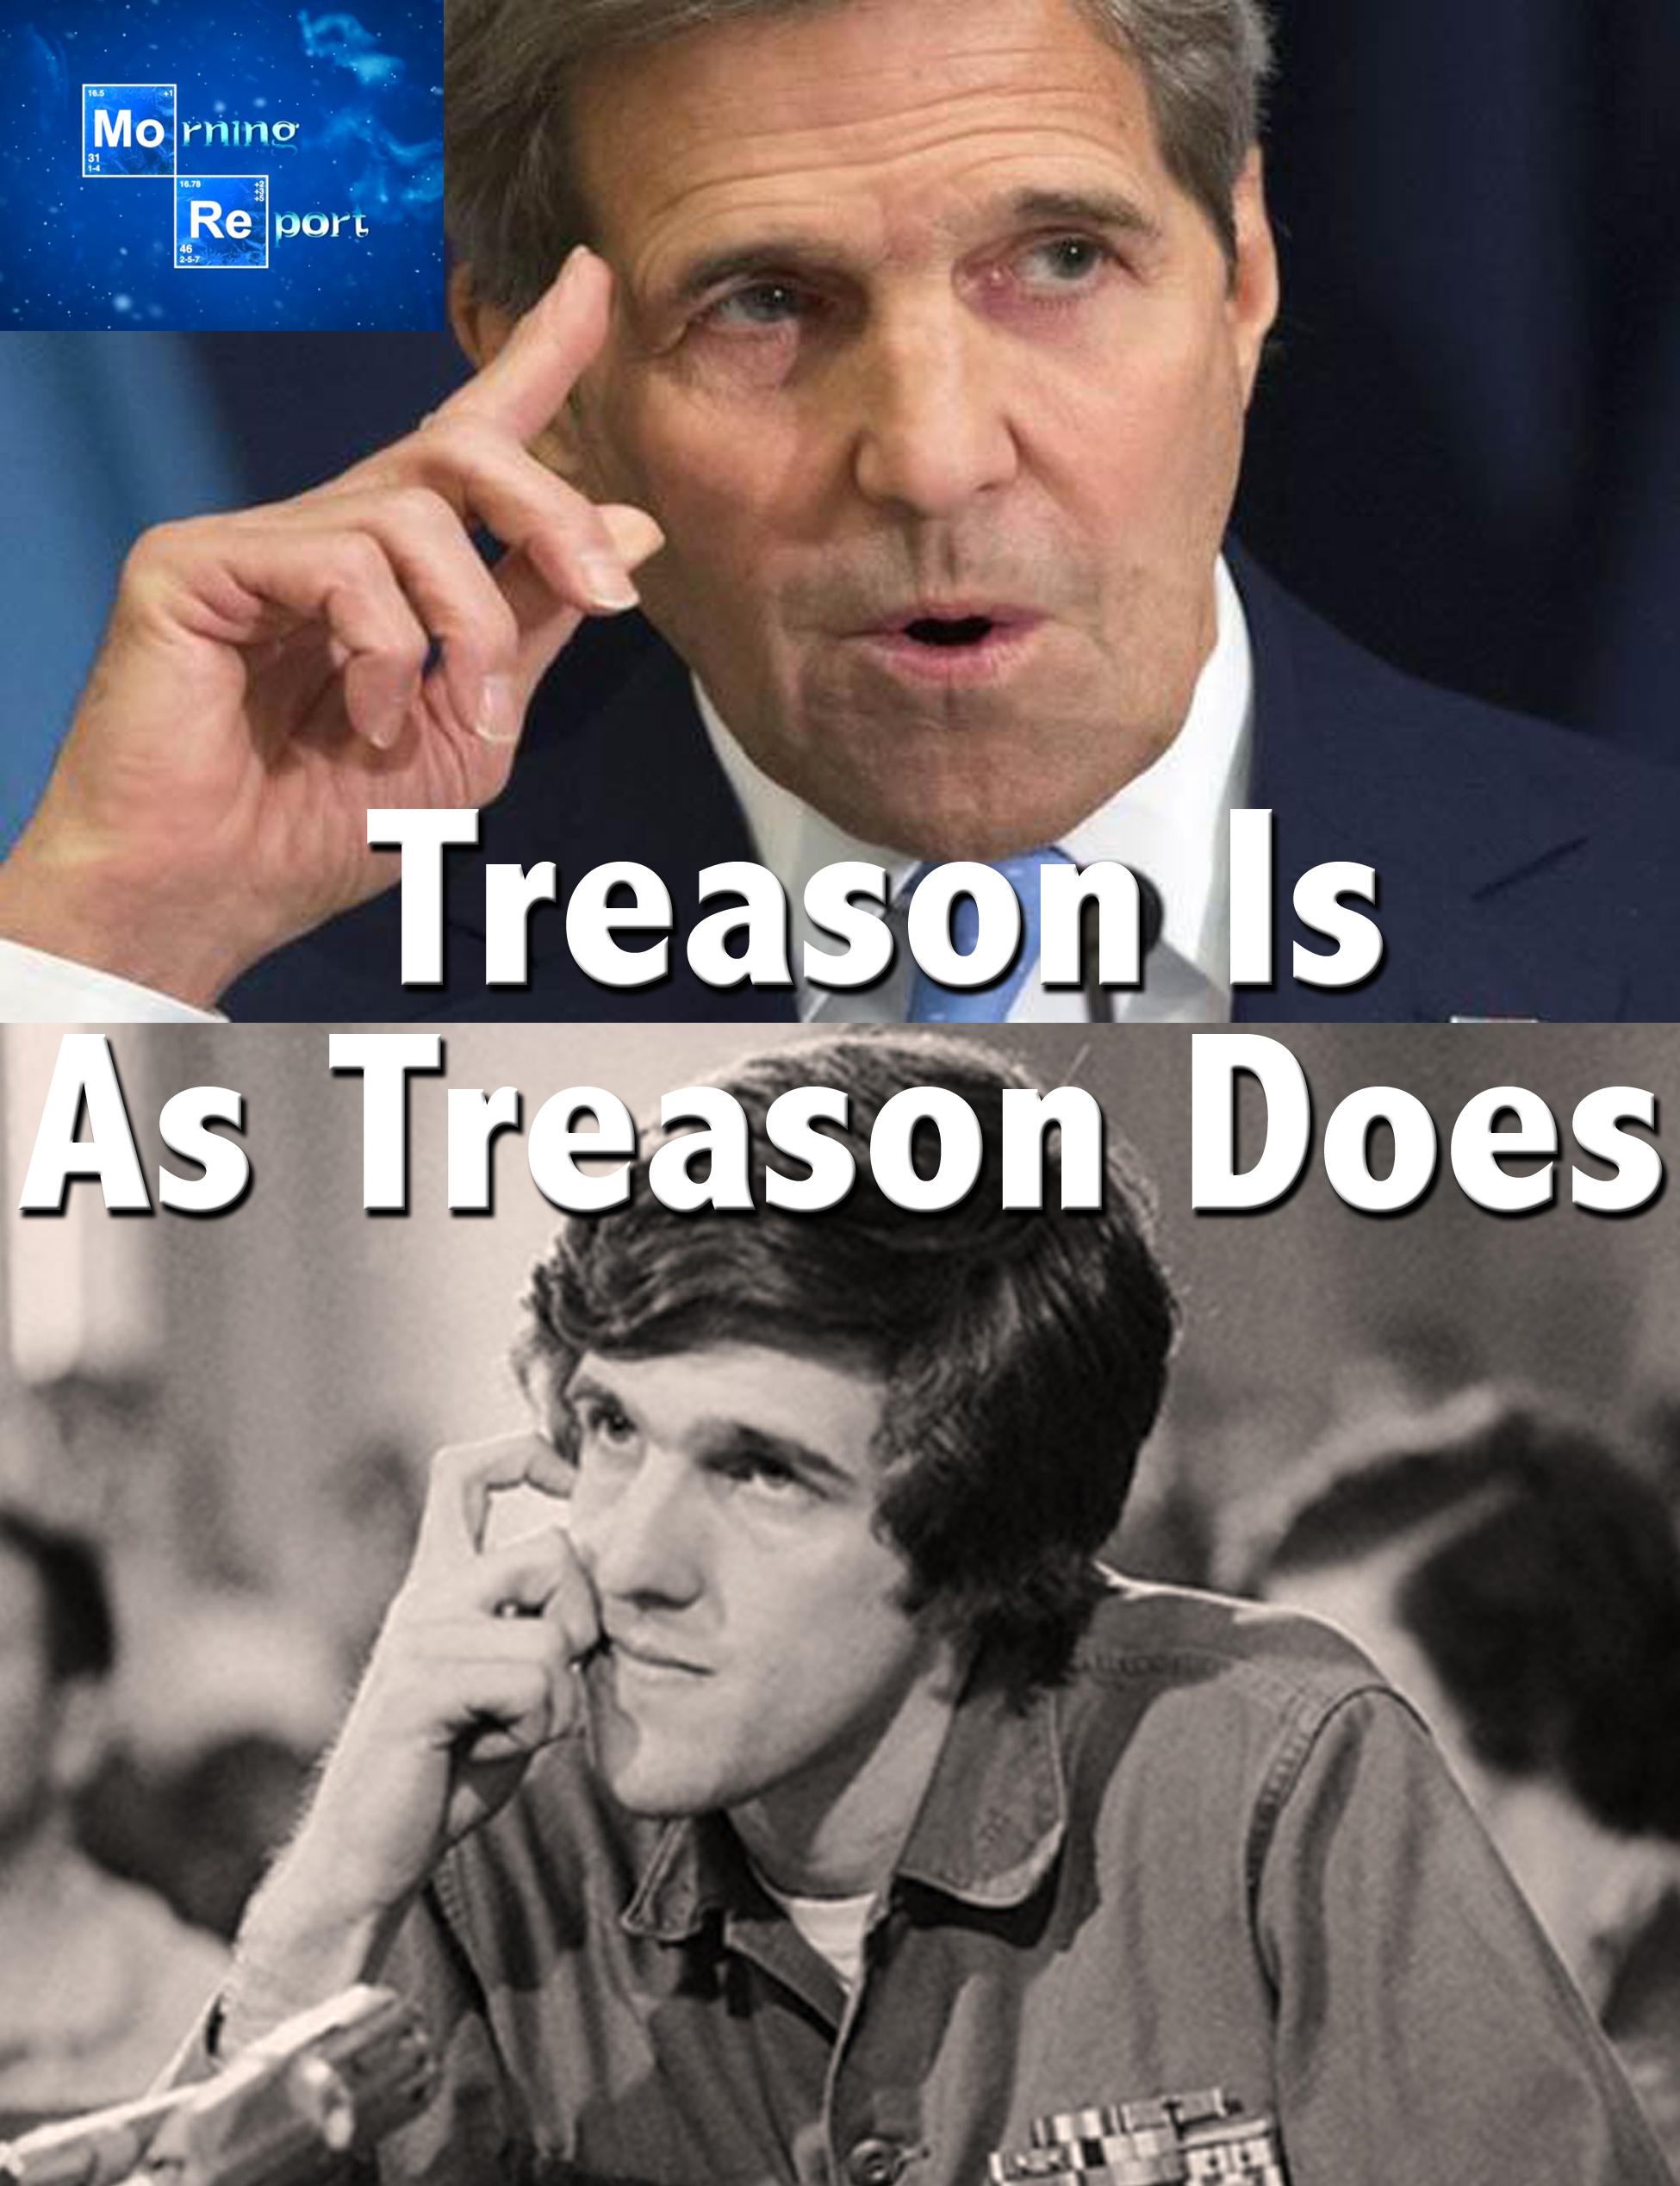 treasonisas.jpg